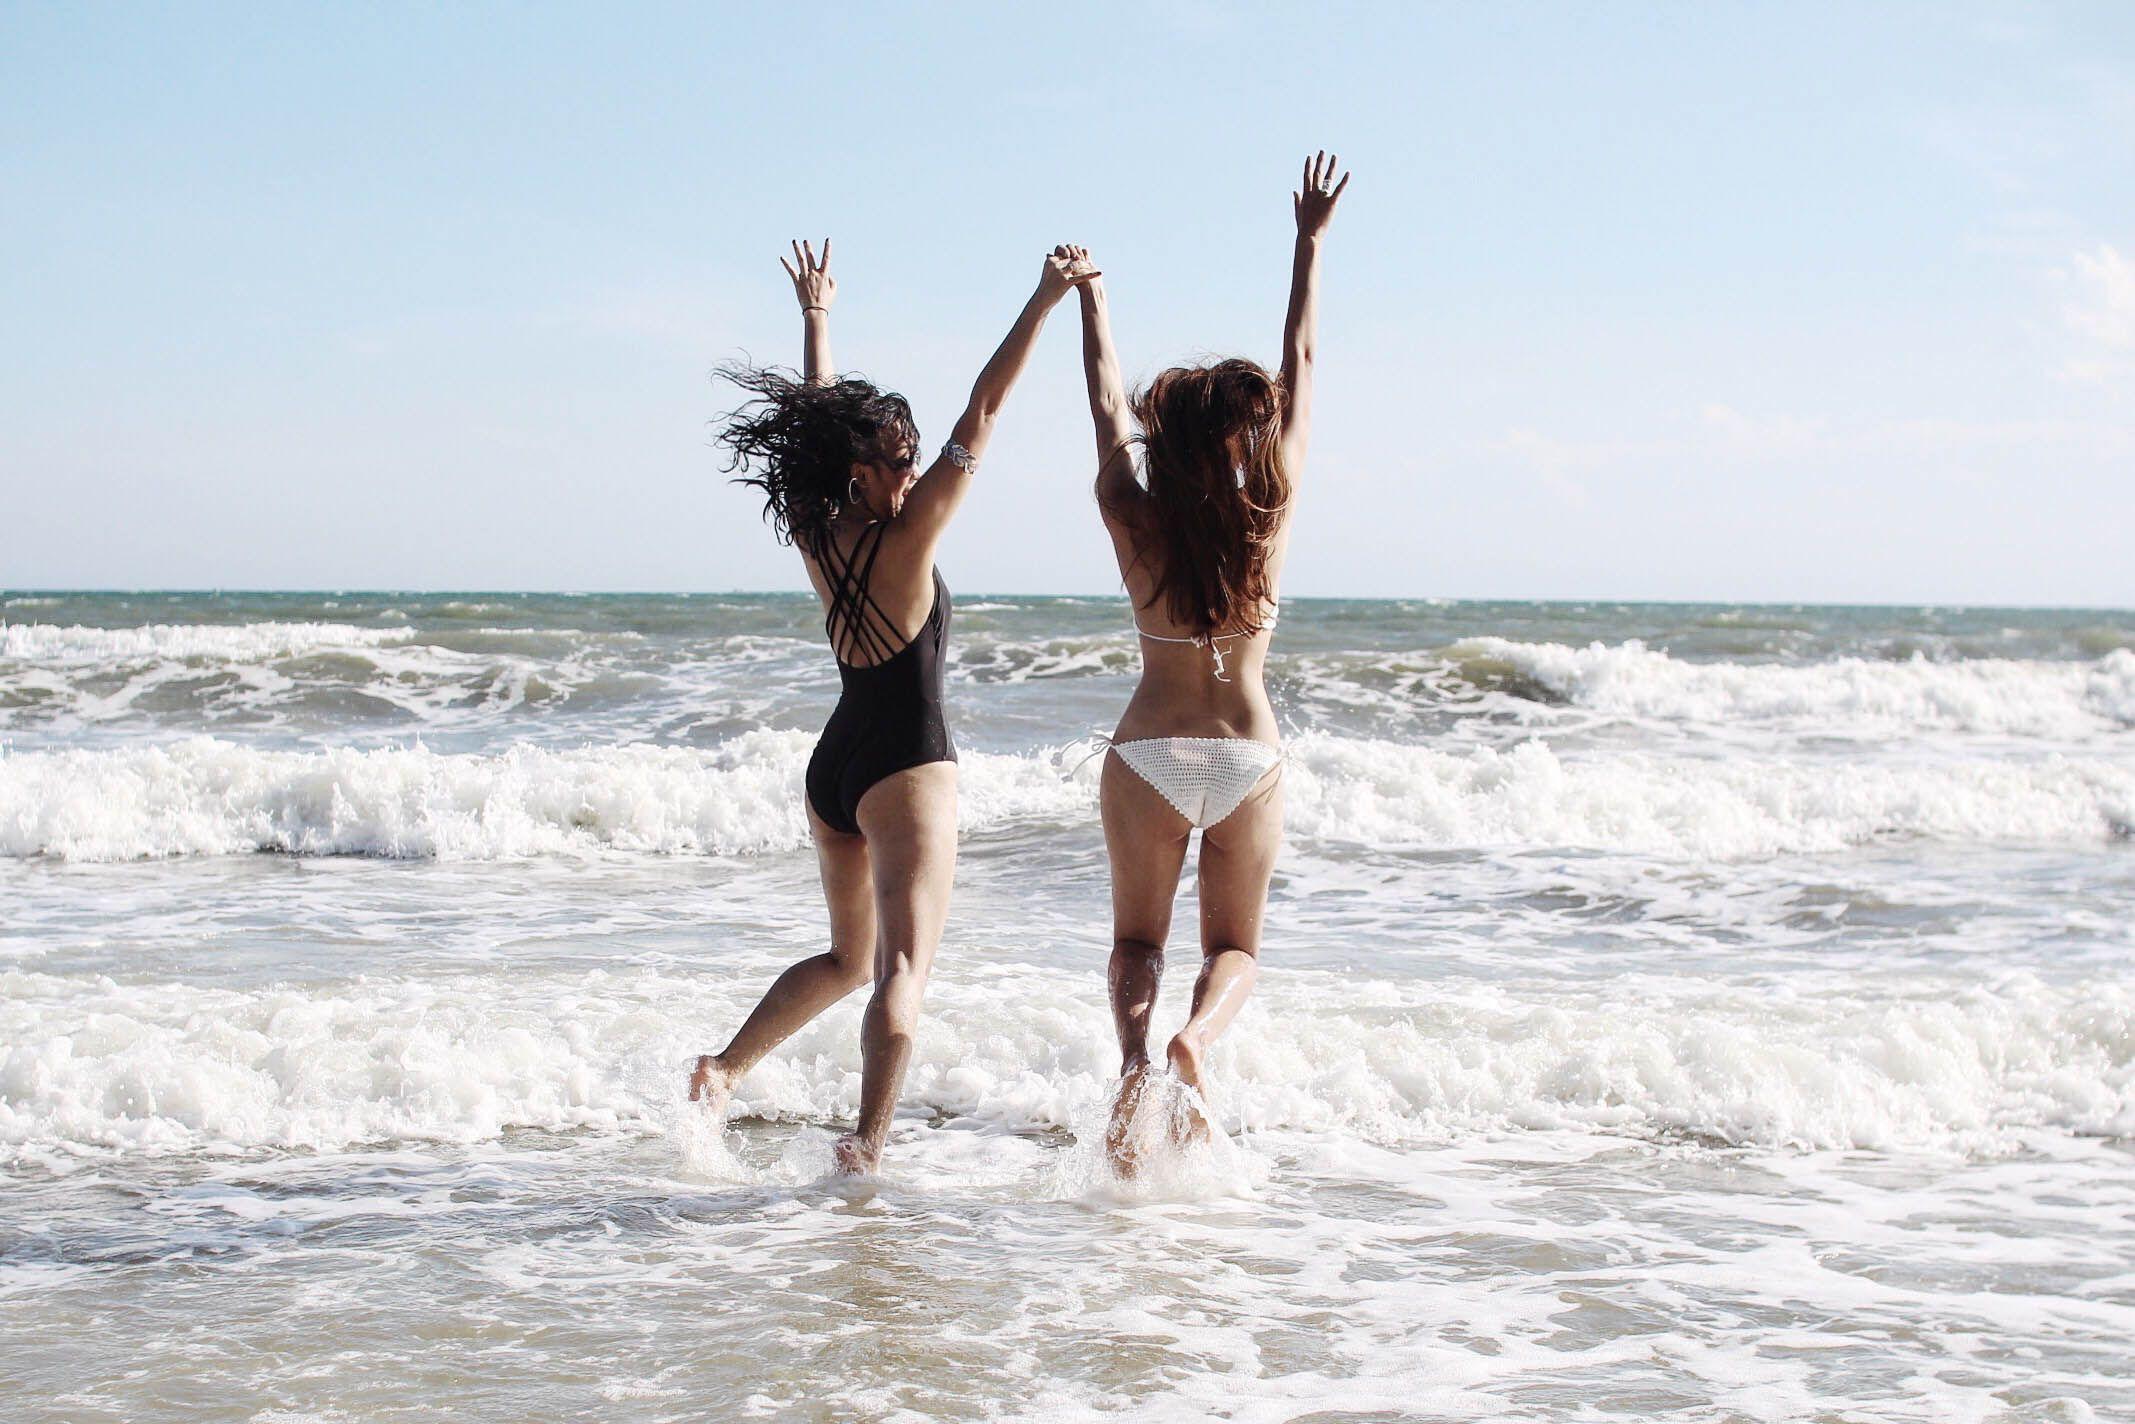 MUI NE BEACH - VIETNAM #nature #adventure #summer #Vietnam #travel ...